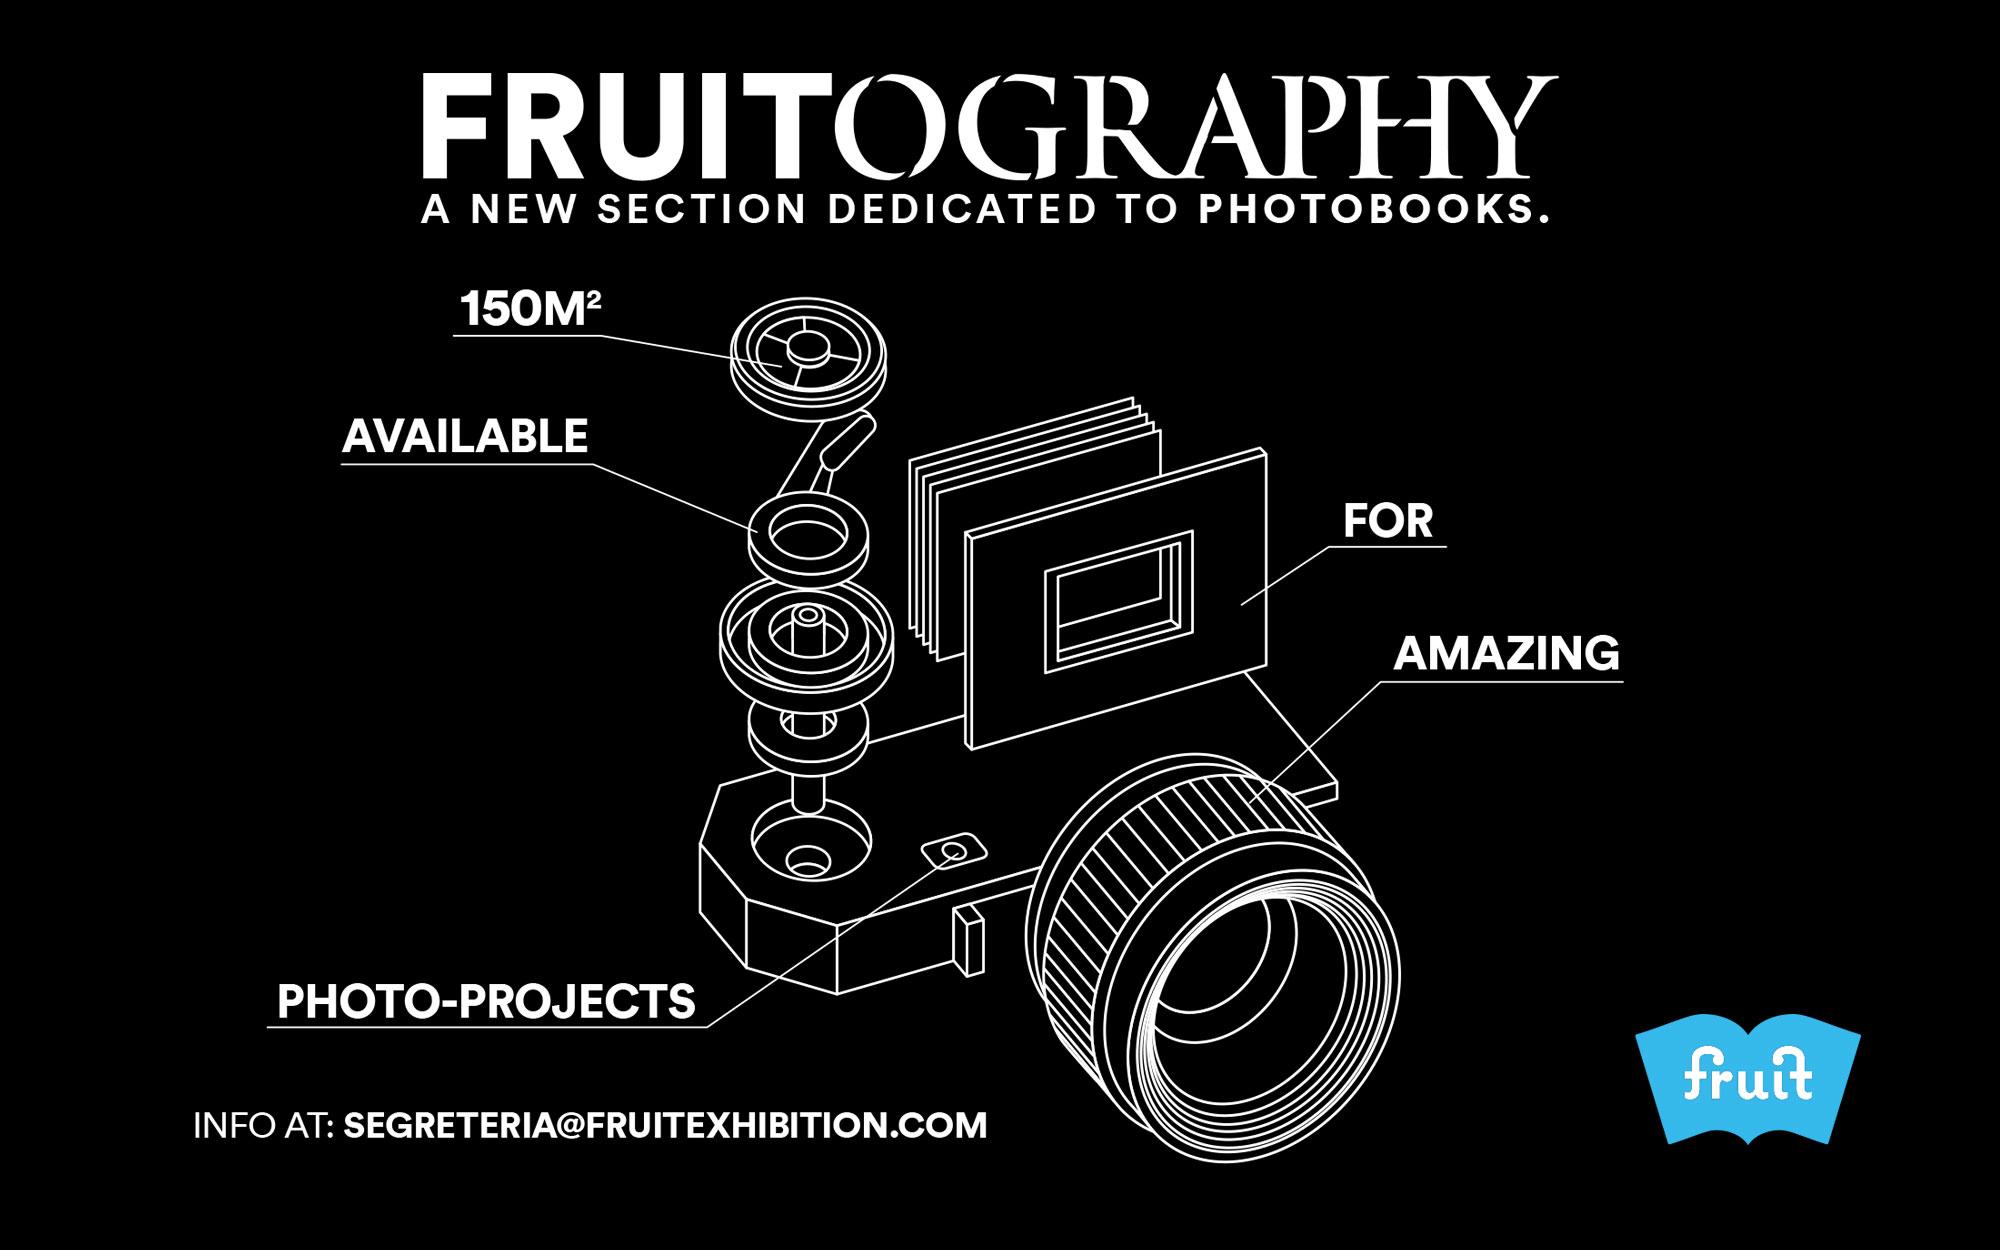 fruitography_teaser_slide_web